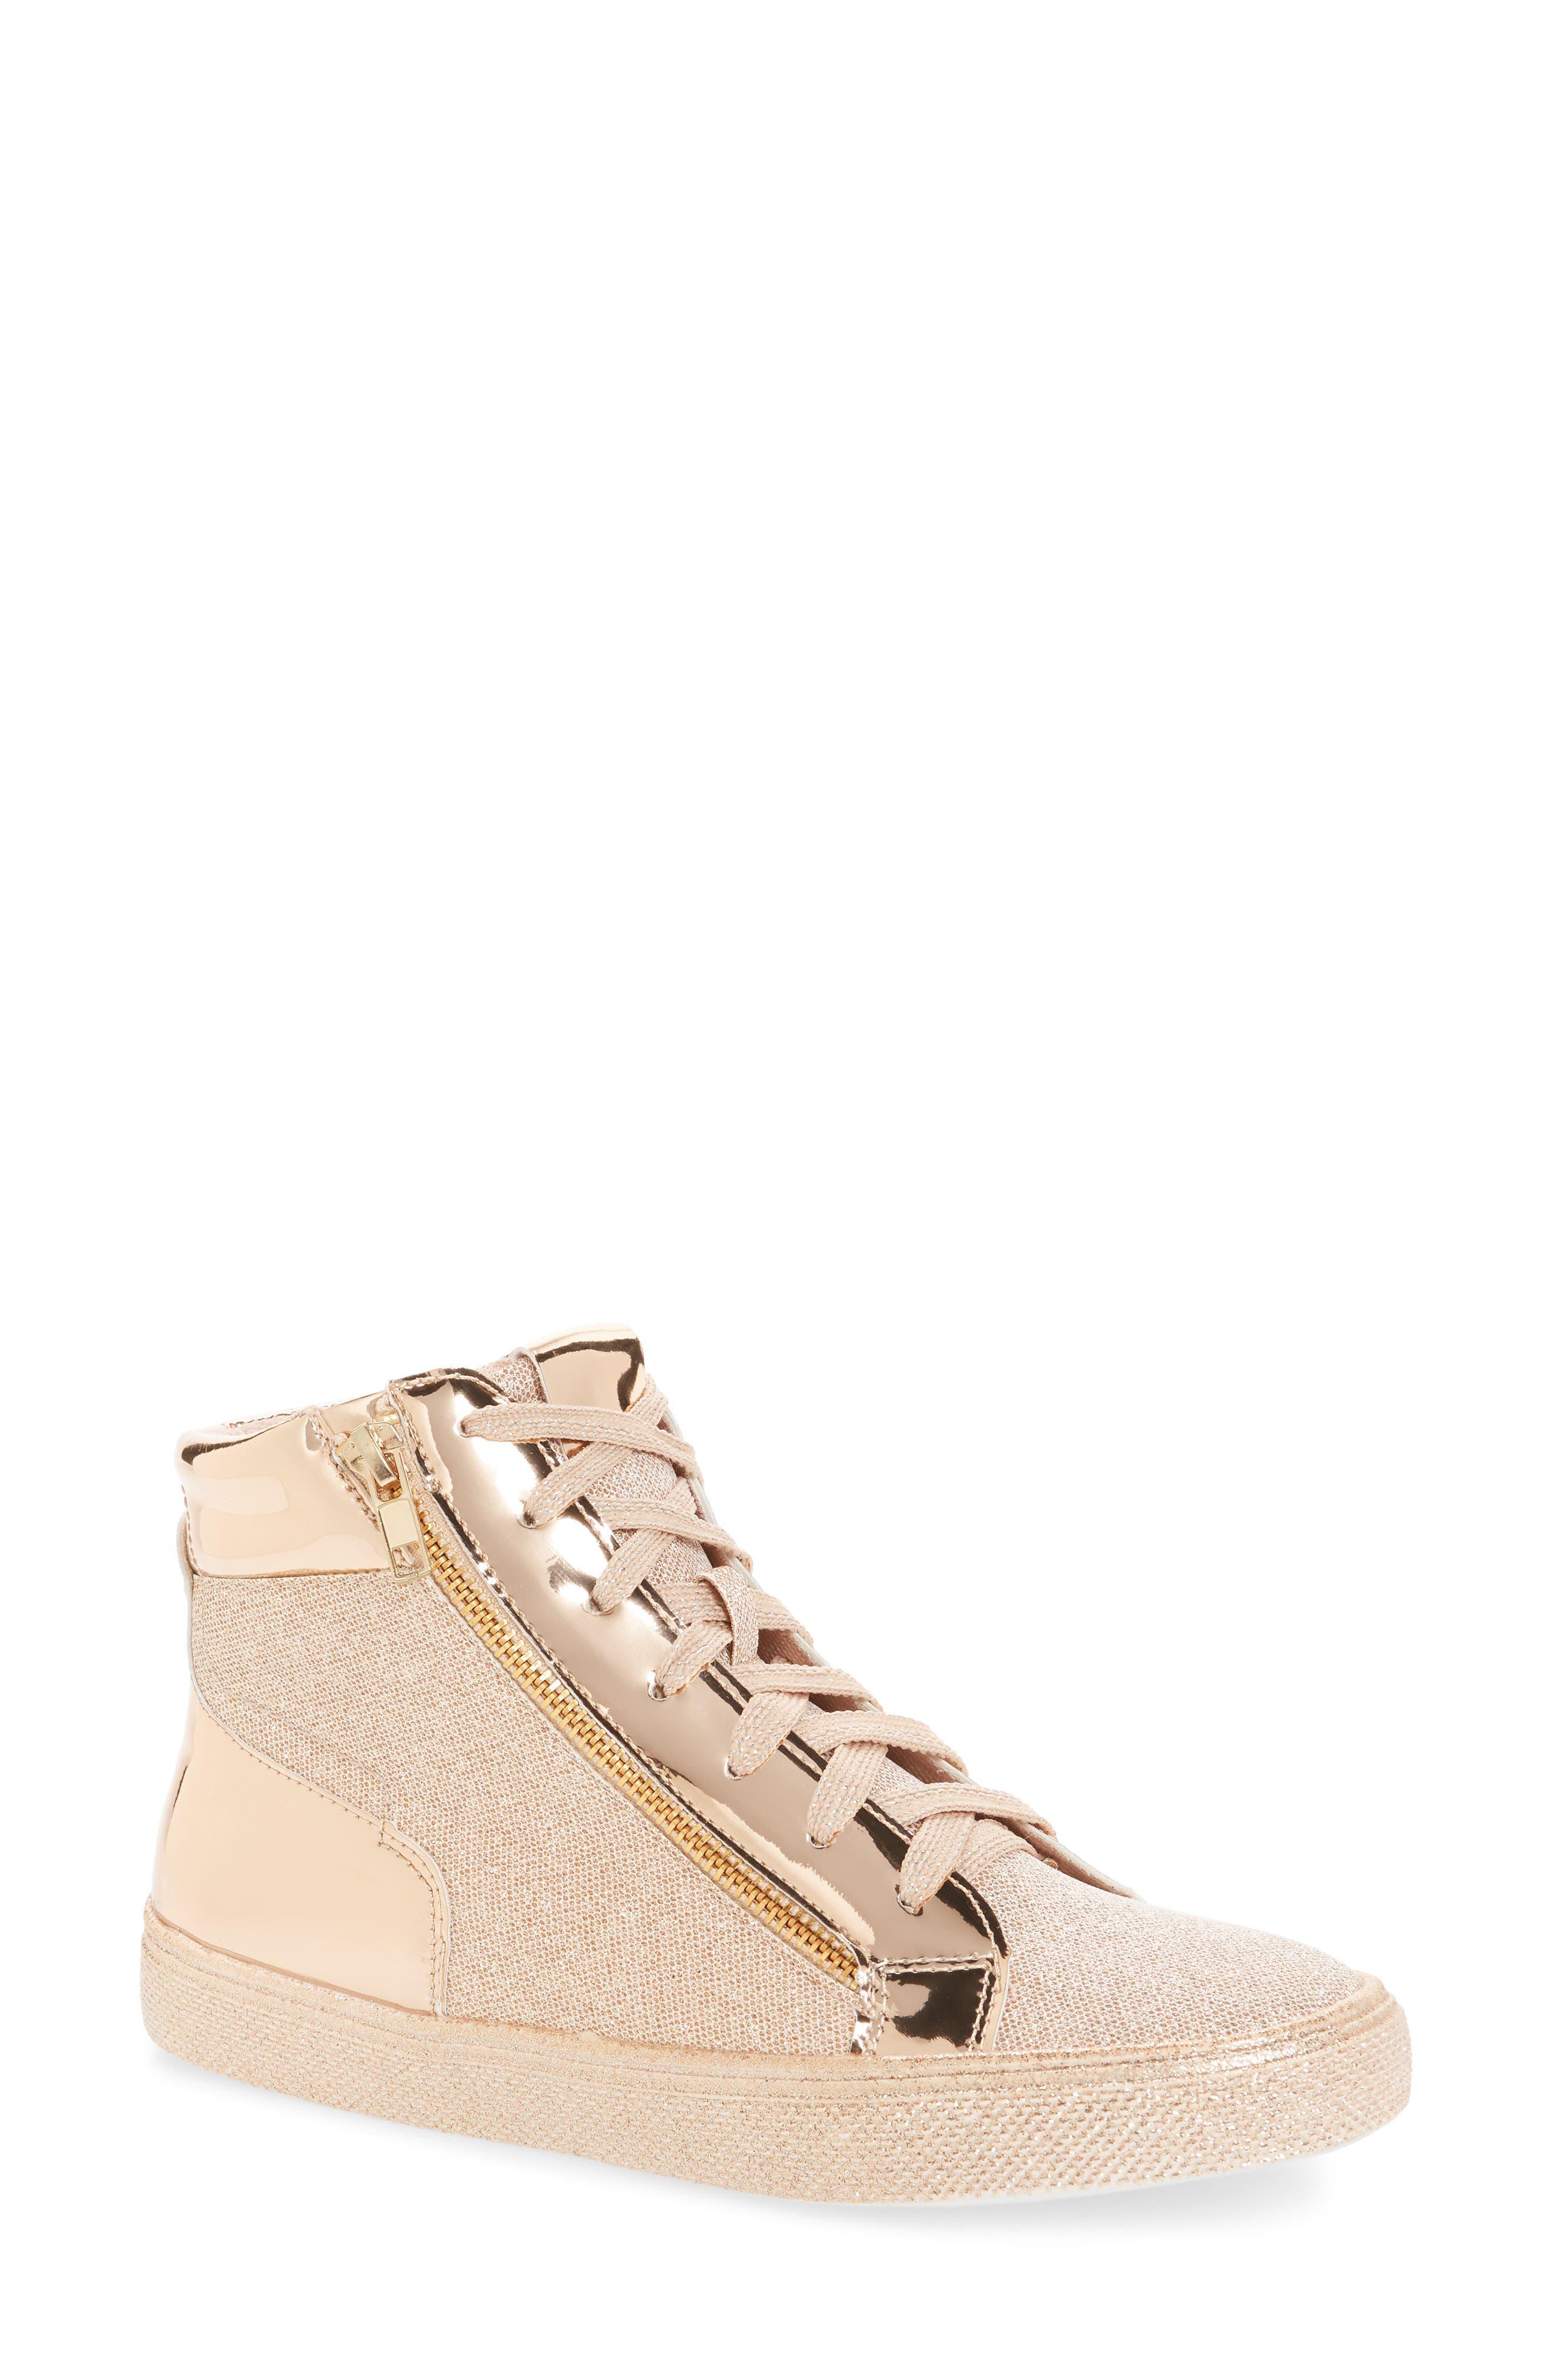 Lauren Lorraine Skippy High Top Sneaker, Pink